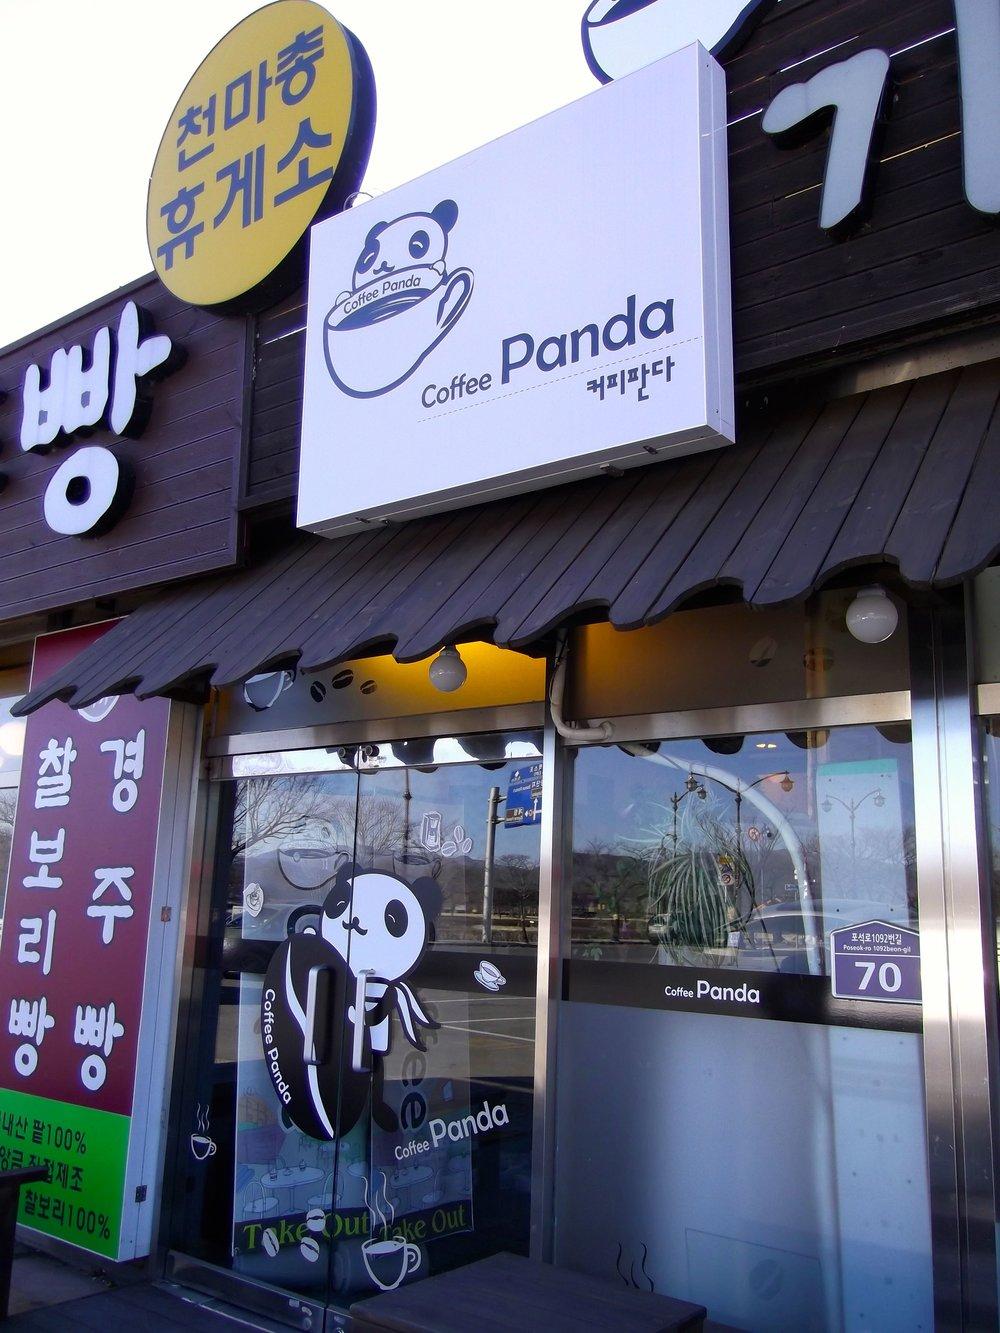 Coffee-Panda.jpg